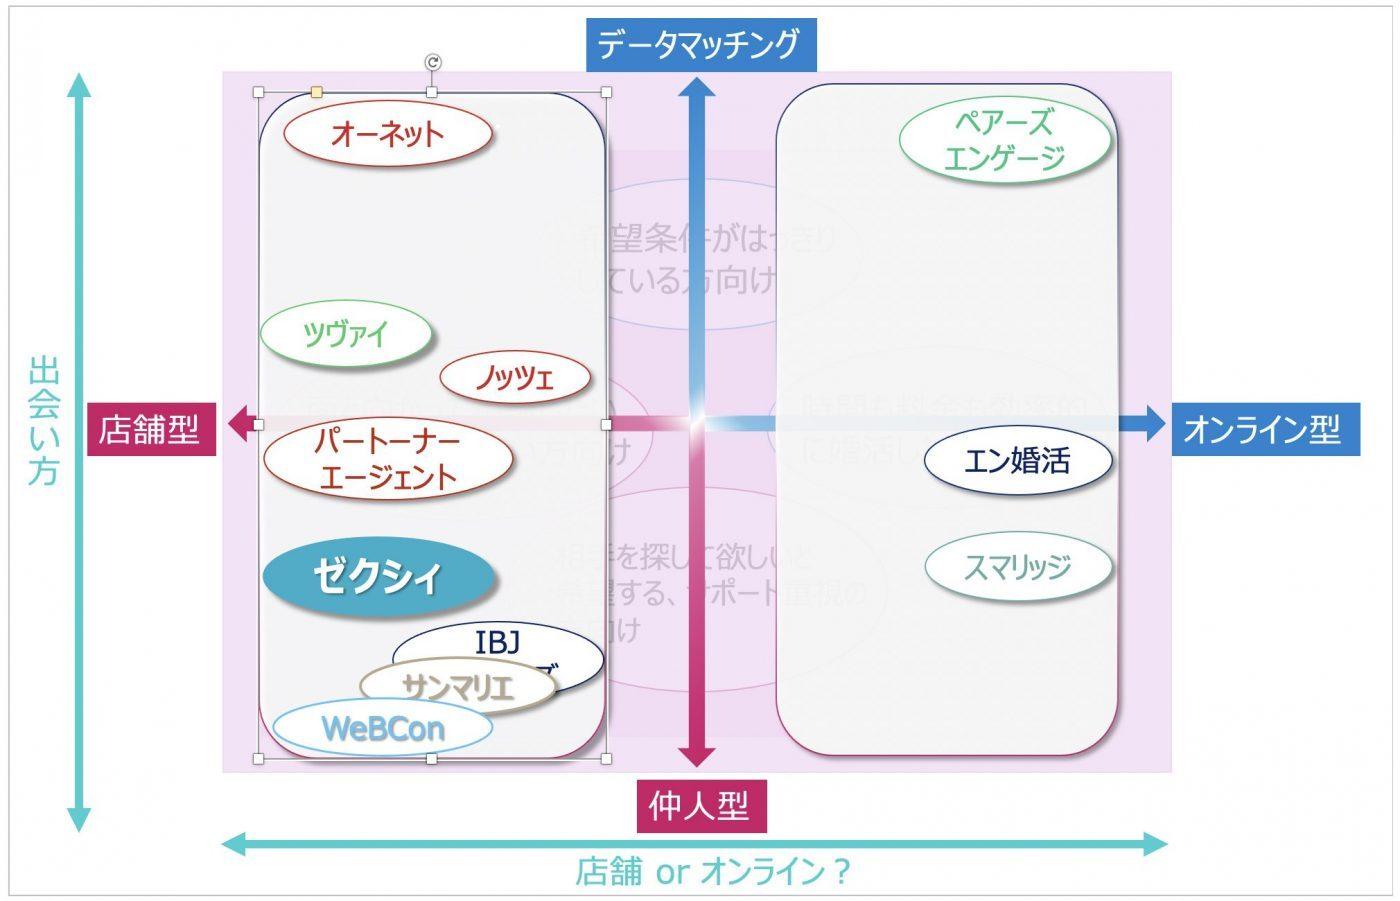 結婚相談所-マトリックス-ゼクシィ-01